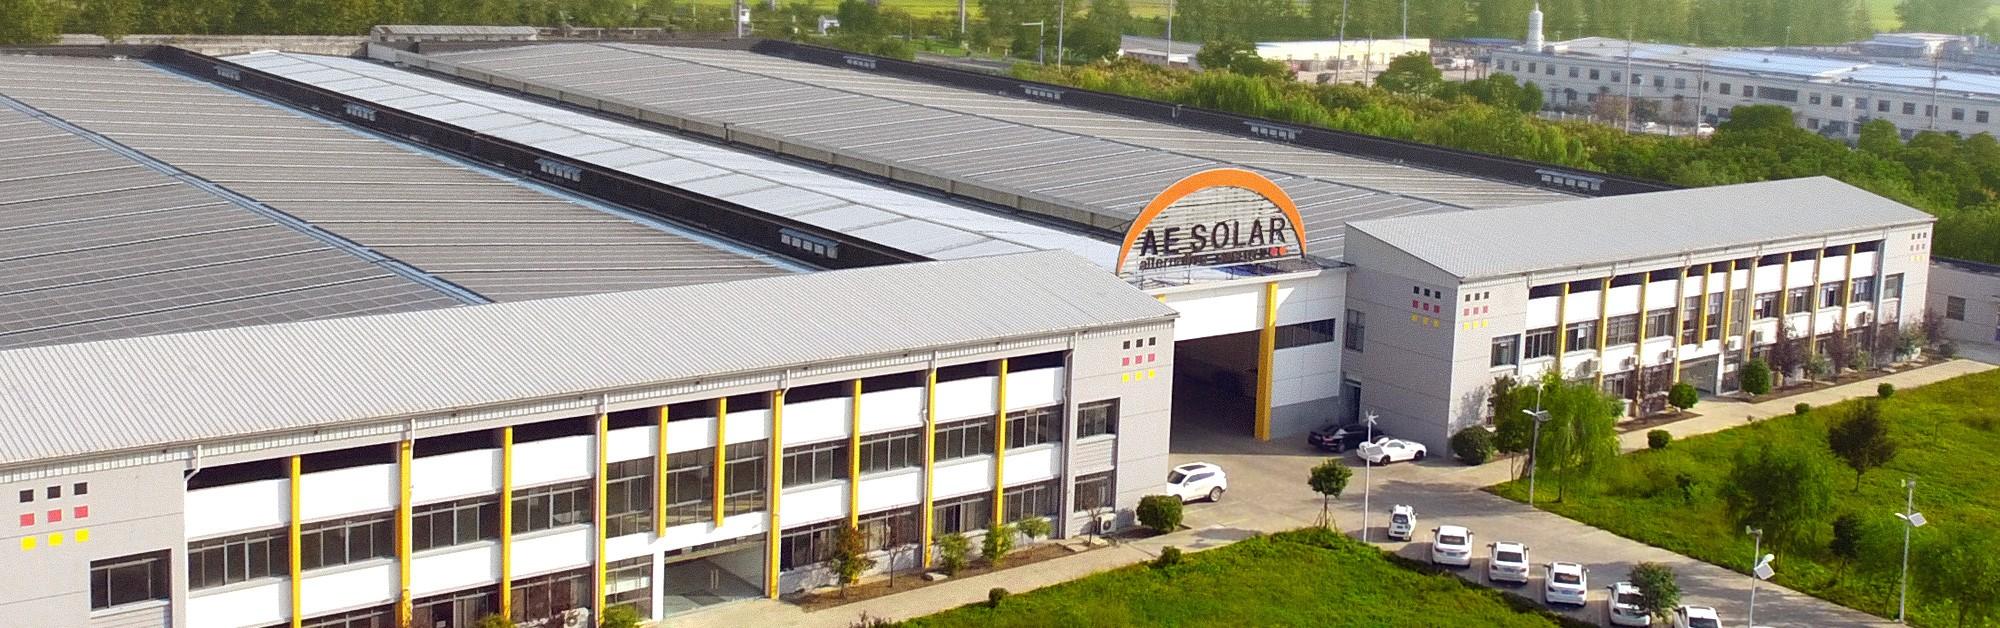 nhà máy sản xuất pin năng lượng mặt trời AE Solar